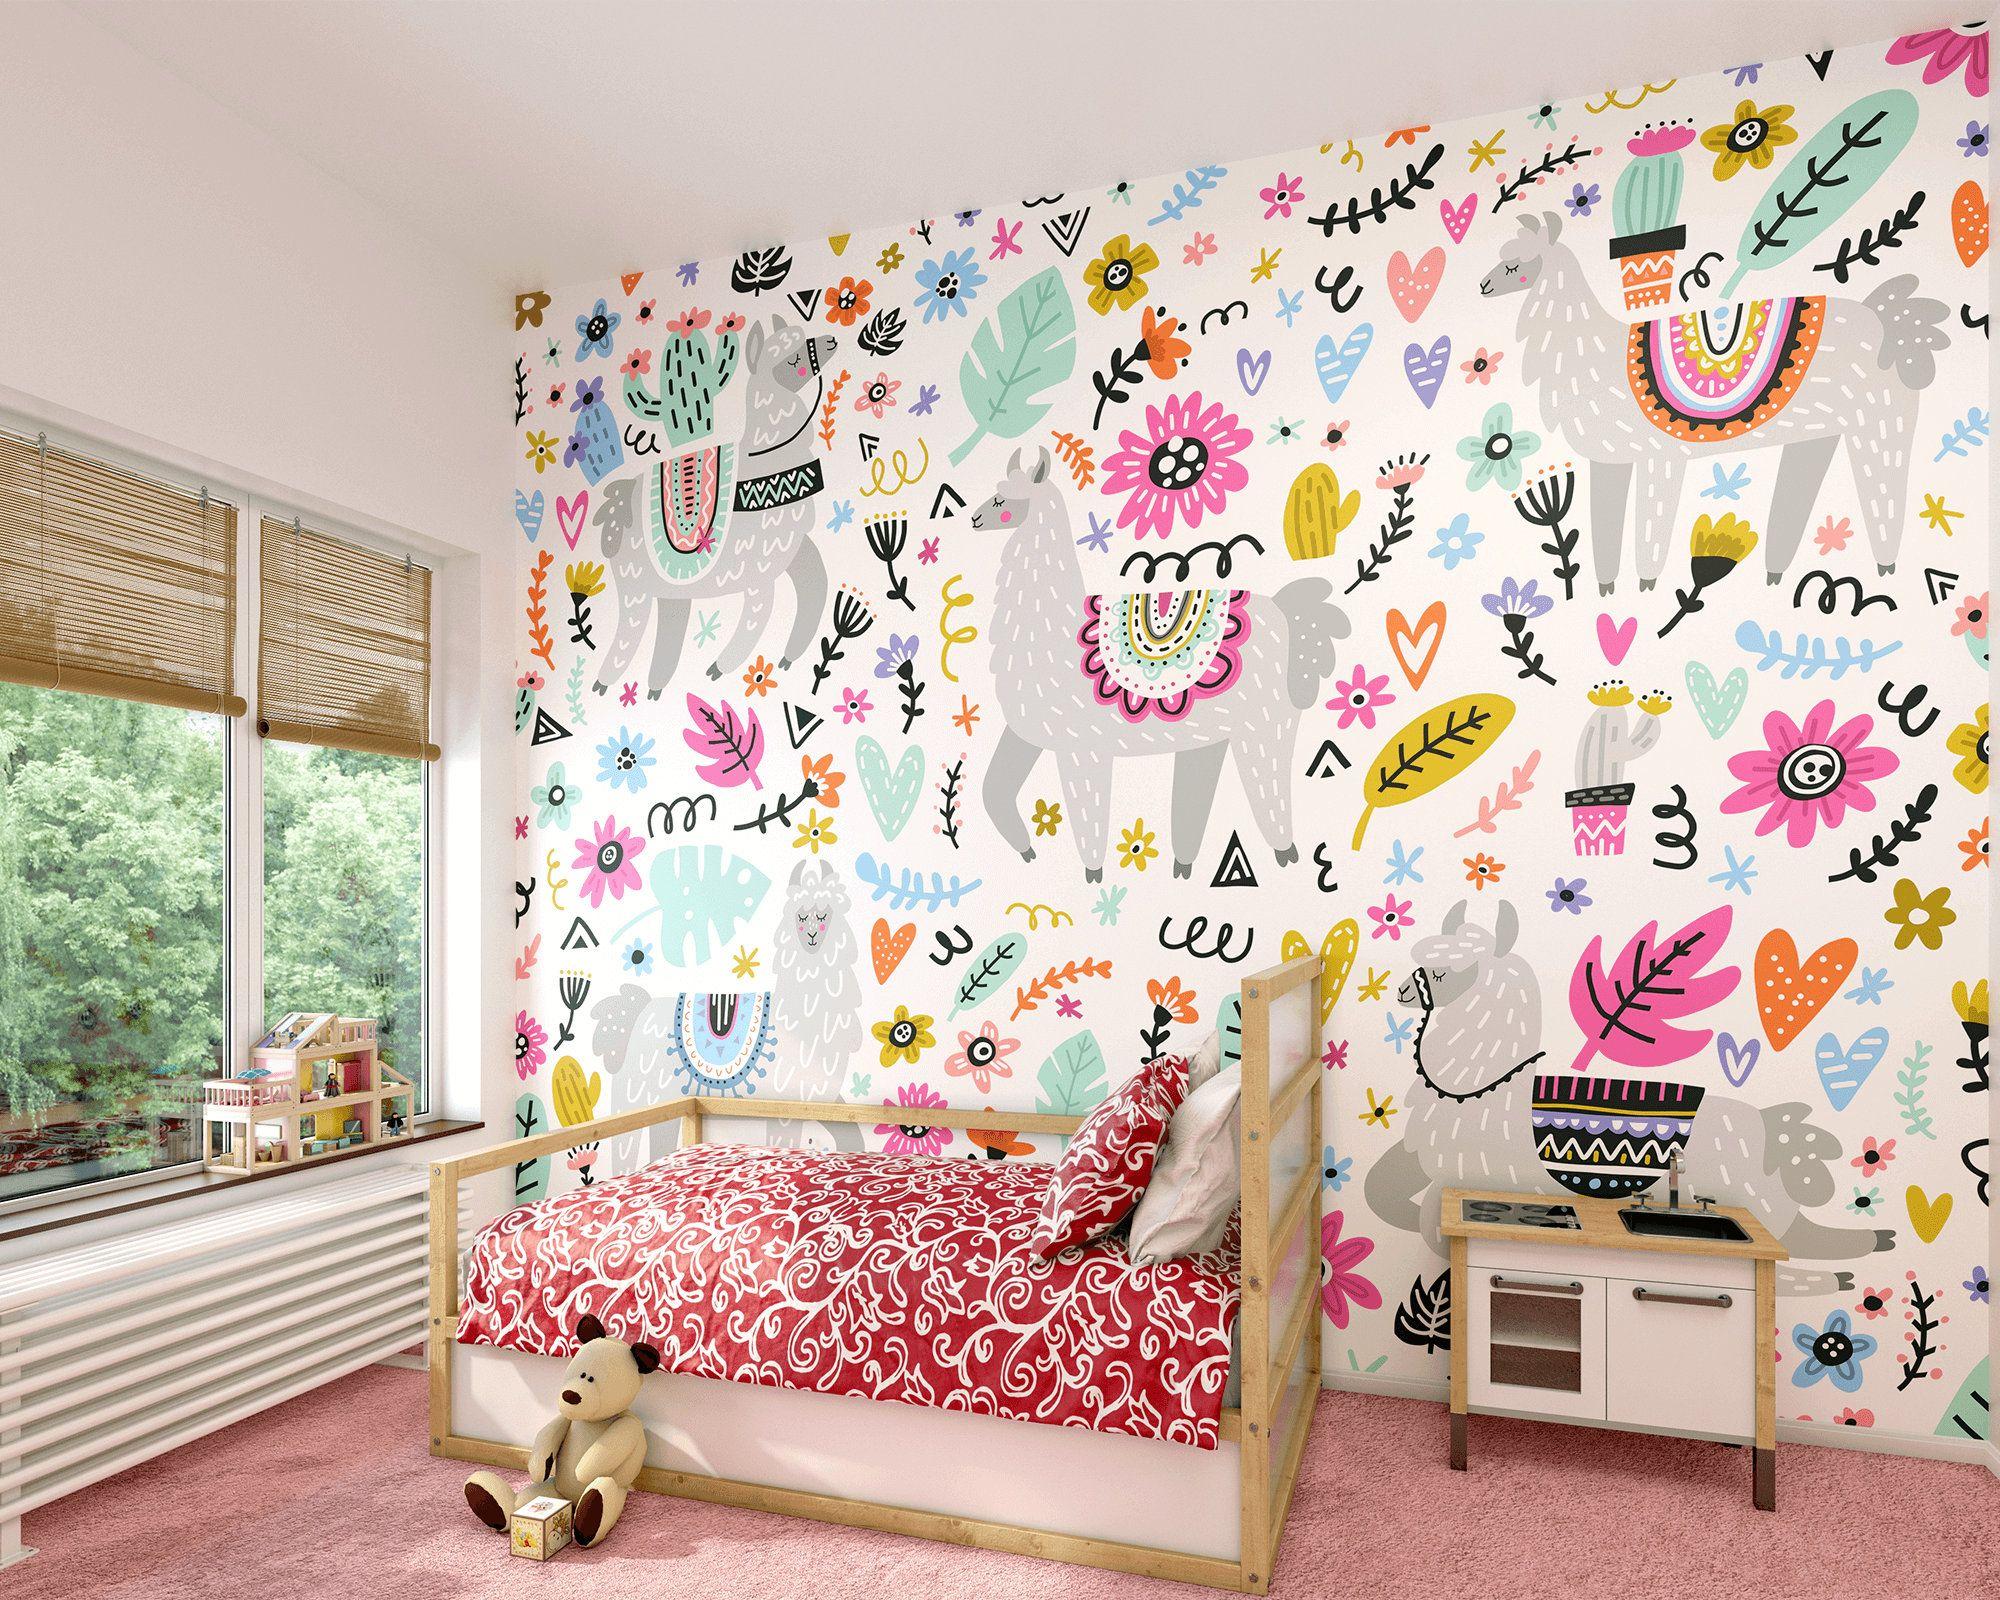 Llama Wallpaper Mural Cute Llama Girls Bedroom Wall Decor Etsy